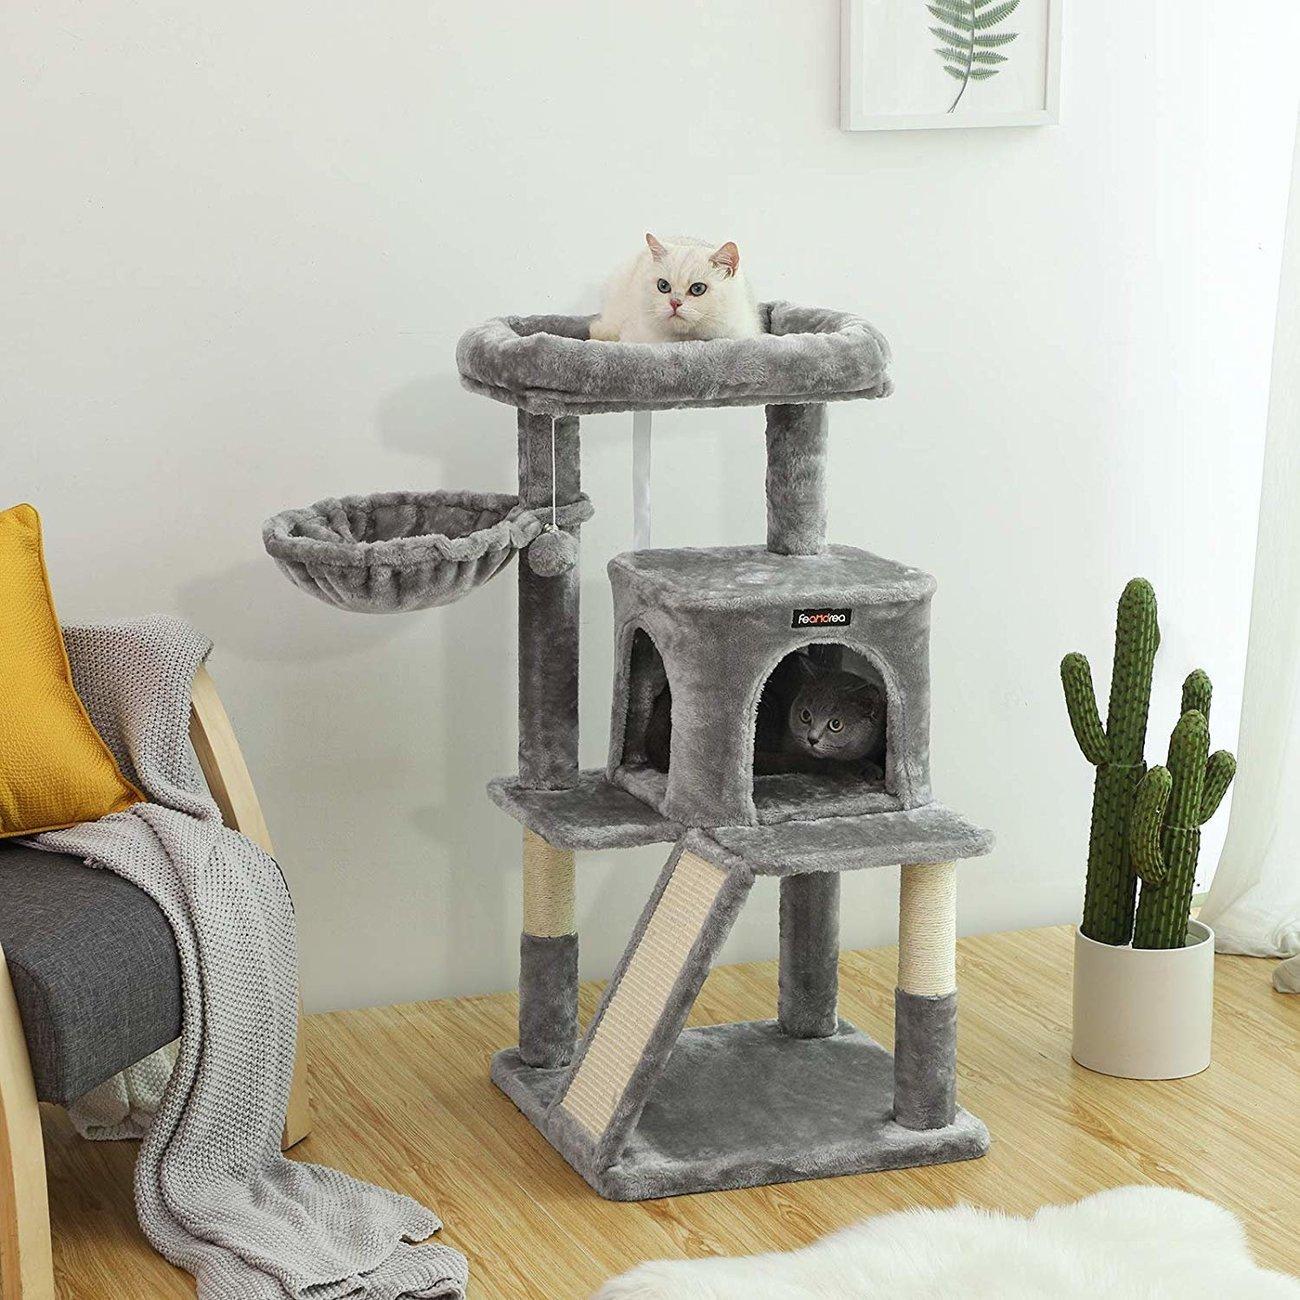 FEANDREA Katzenbaum, Kletterturm für Katzen mittel, Bild 3